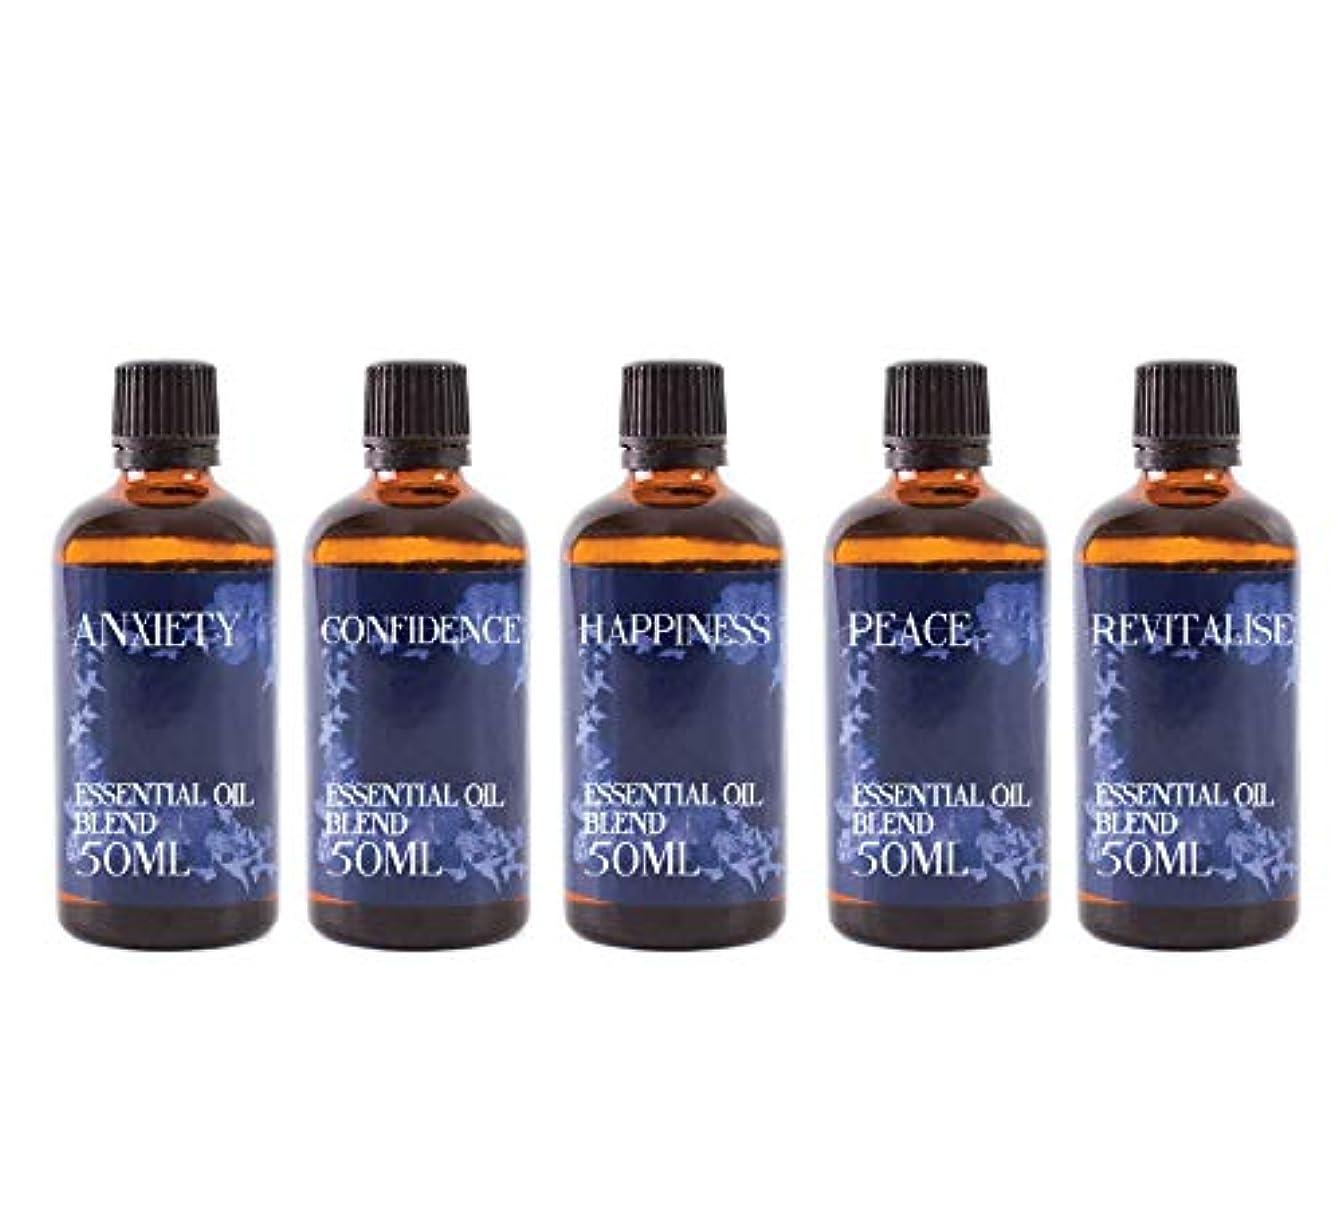 管理します限界であるMystix London | Gift Starter Pack of 5 x 50ml - Mental Wellbeing - Essential Oil Blends